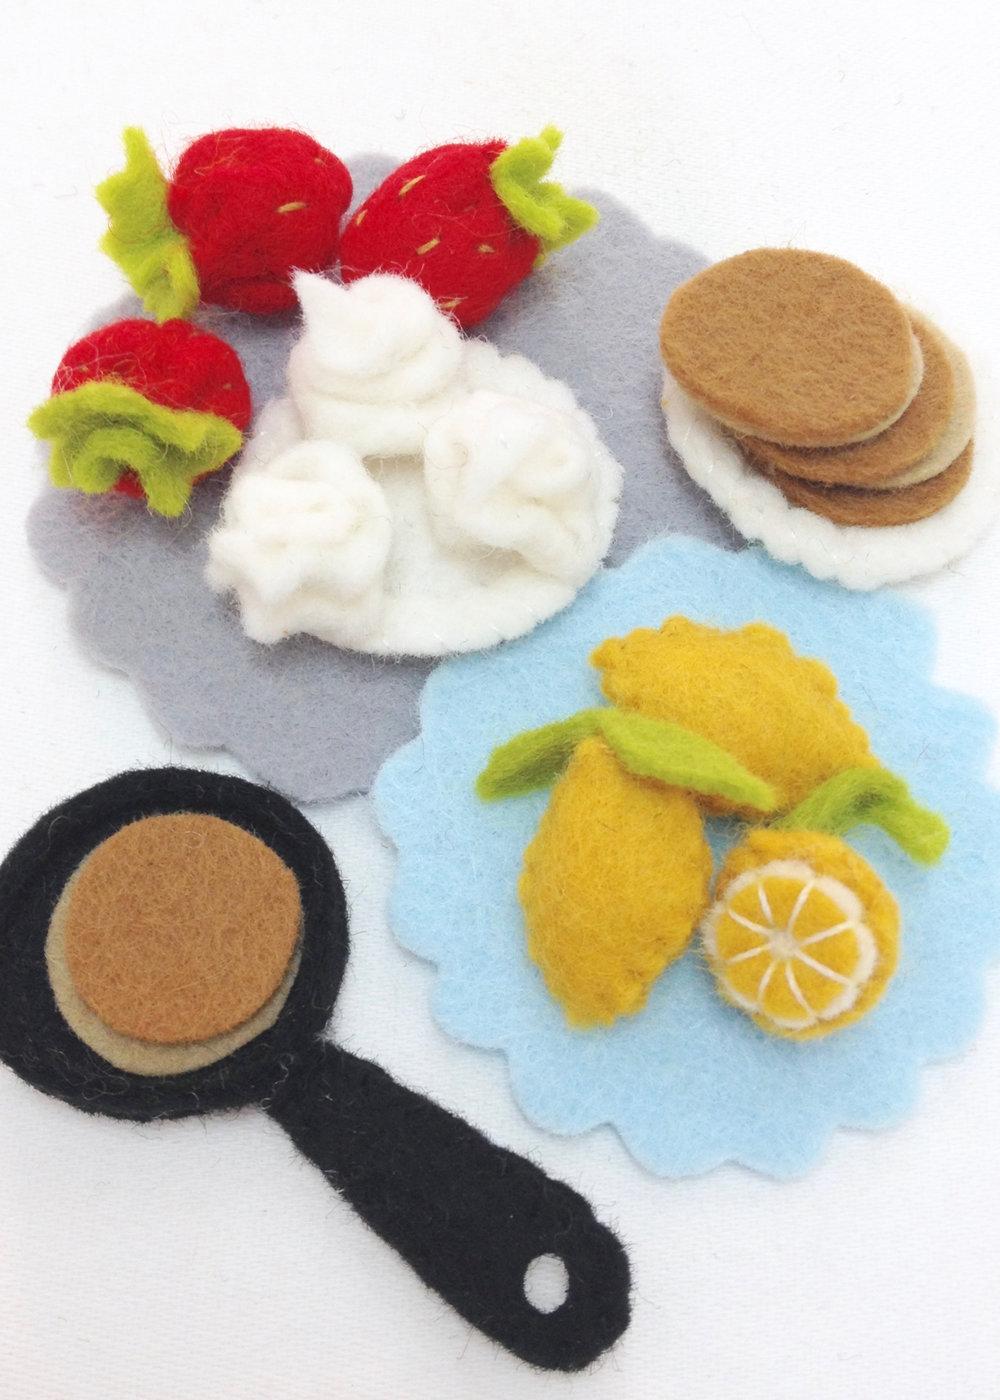 Felt play food miniature lemons | strawberries | pancakes handmade by Laura Mirjami